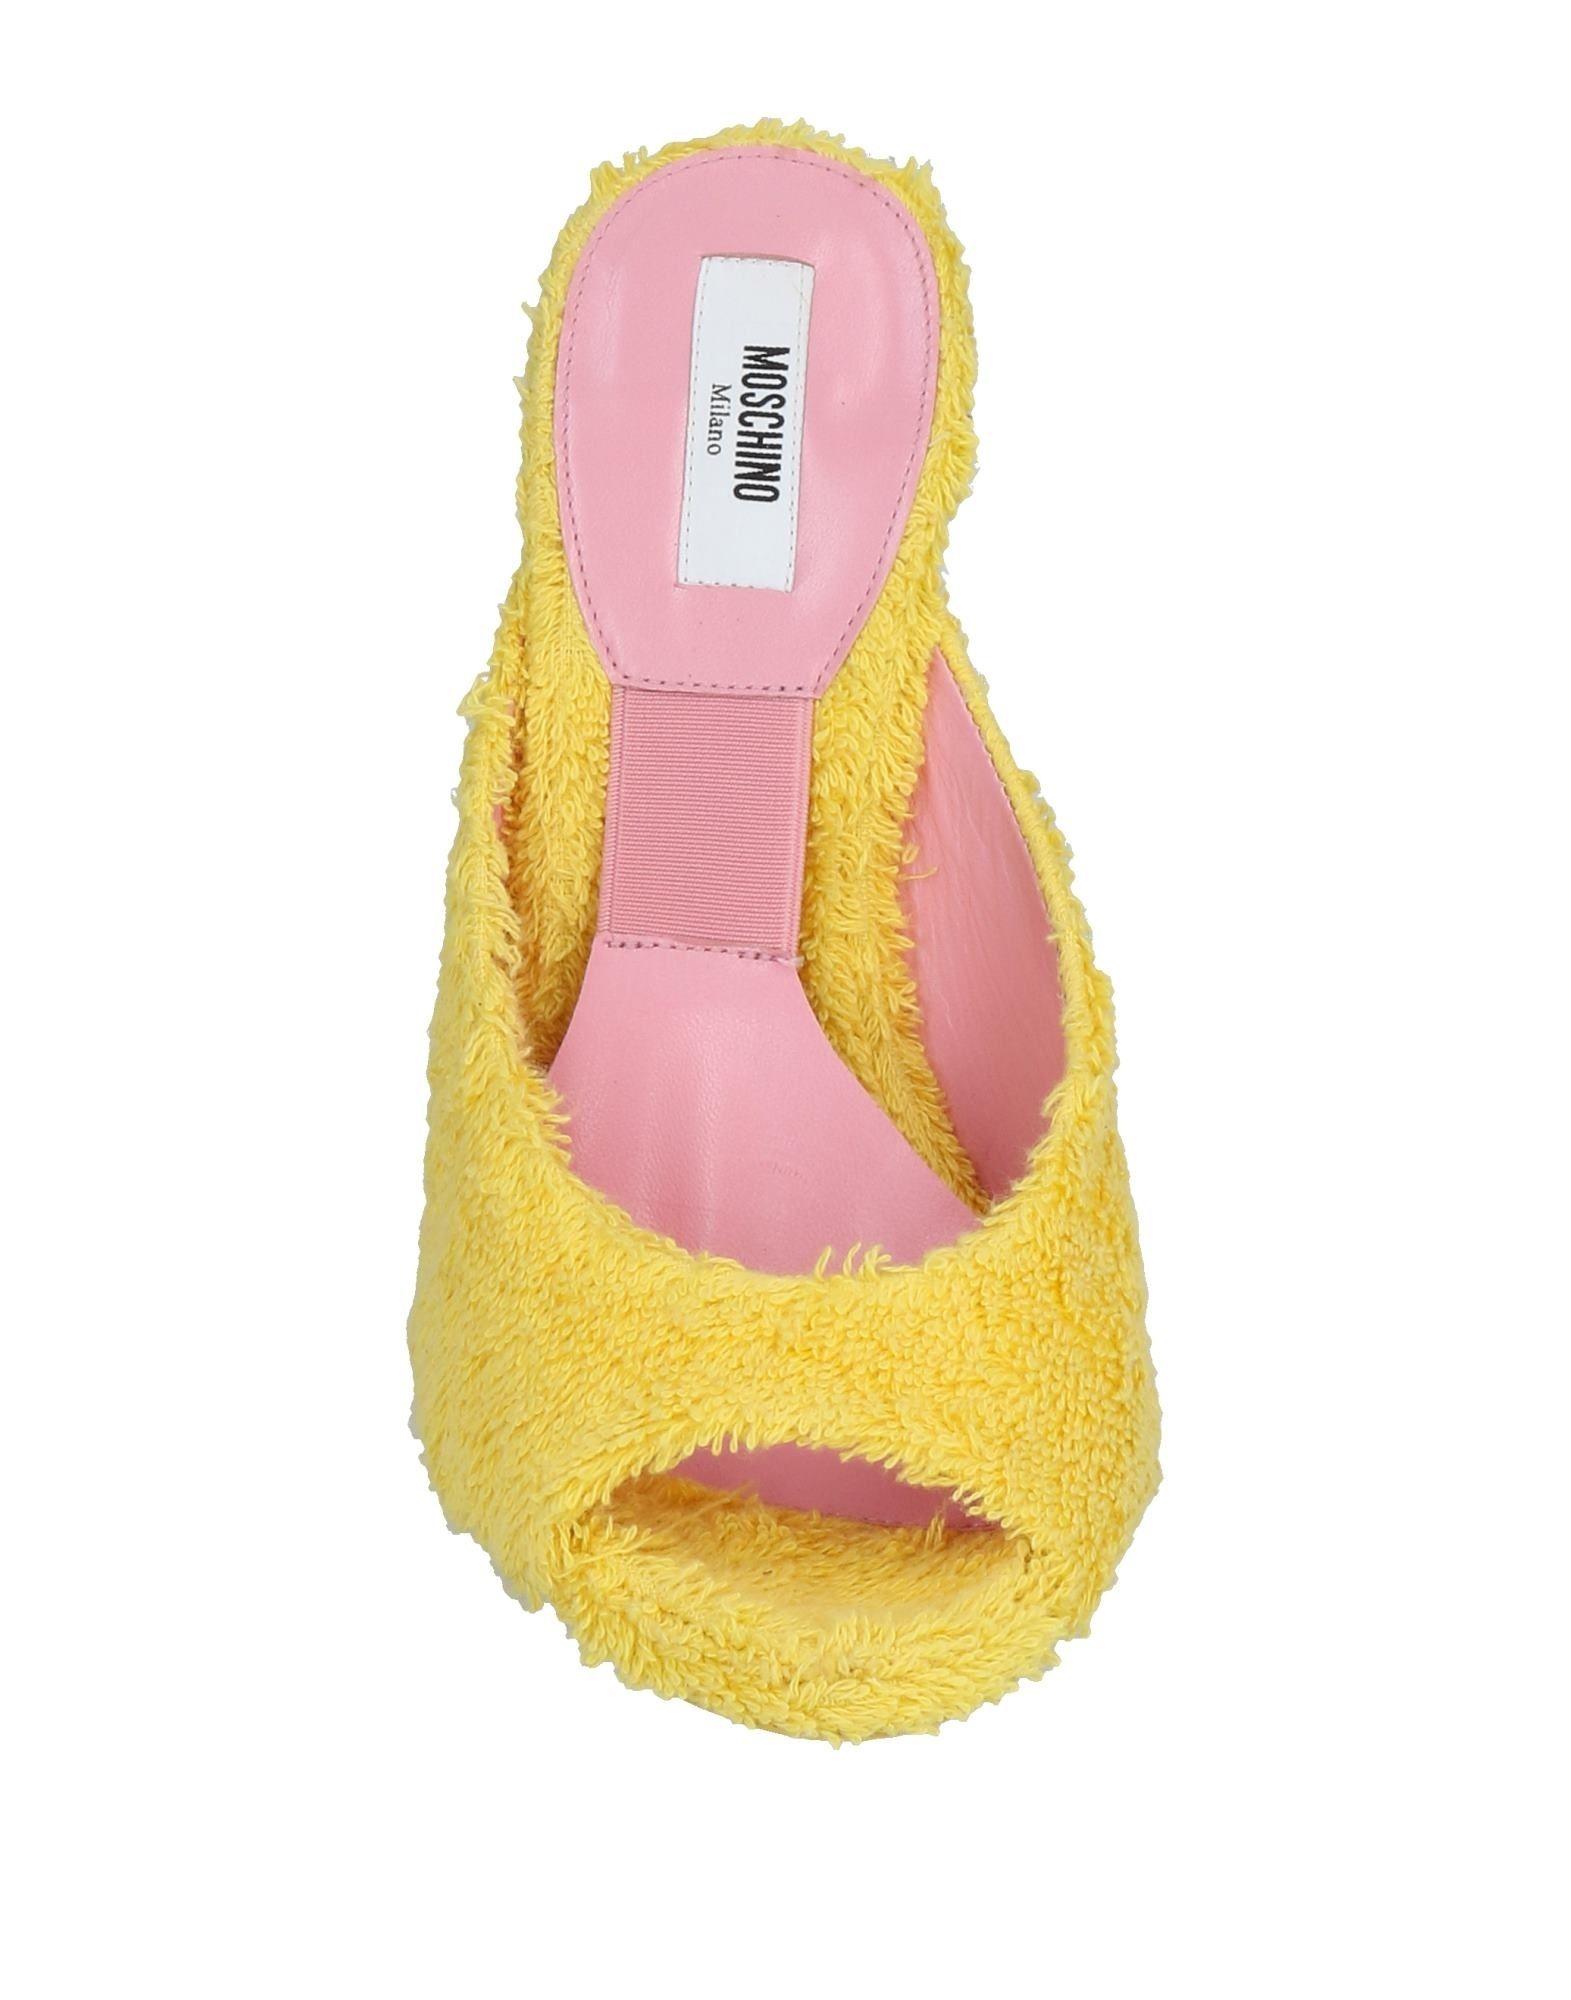 Moschino Sandalen Damen Heiße  11480688MG Heiße Damen Schuhe 297dcd